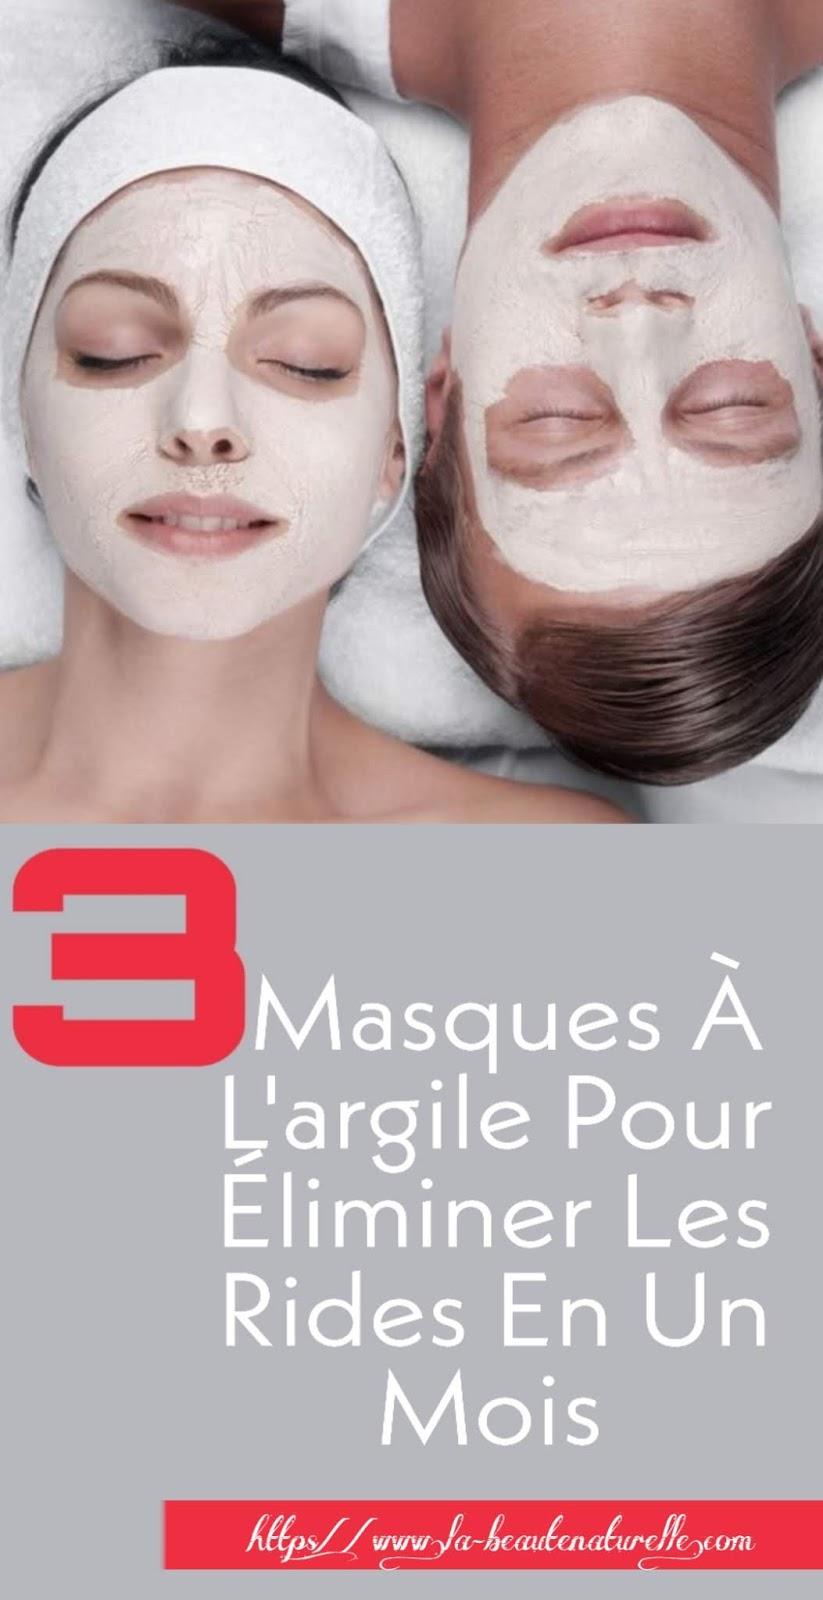 3 Masques À L'argile Pour Éliminer Les Rides En Un Mois